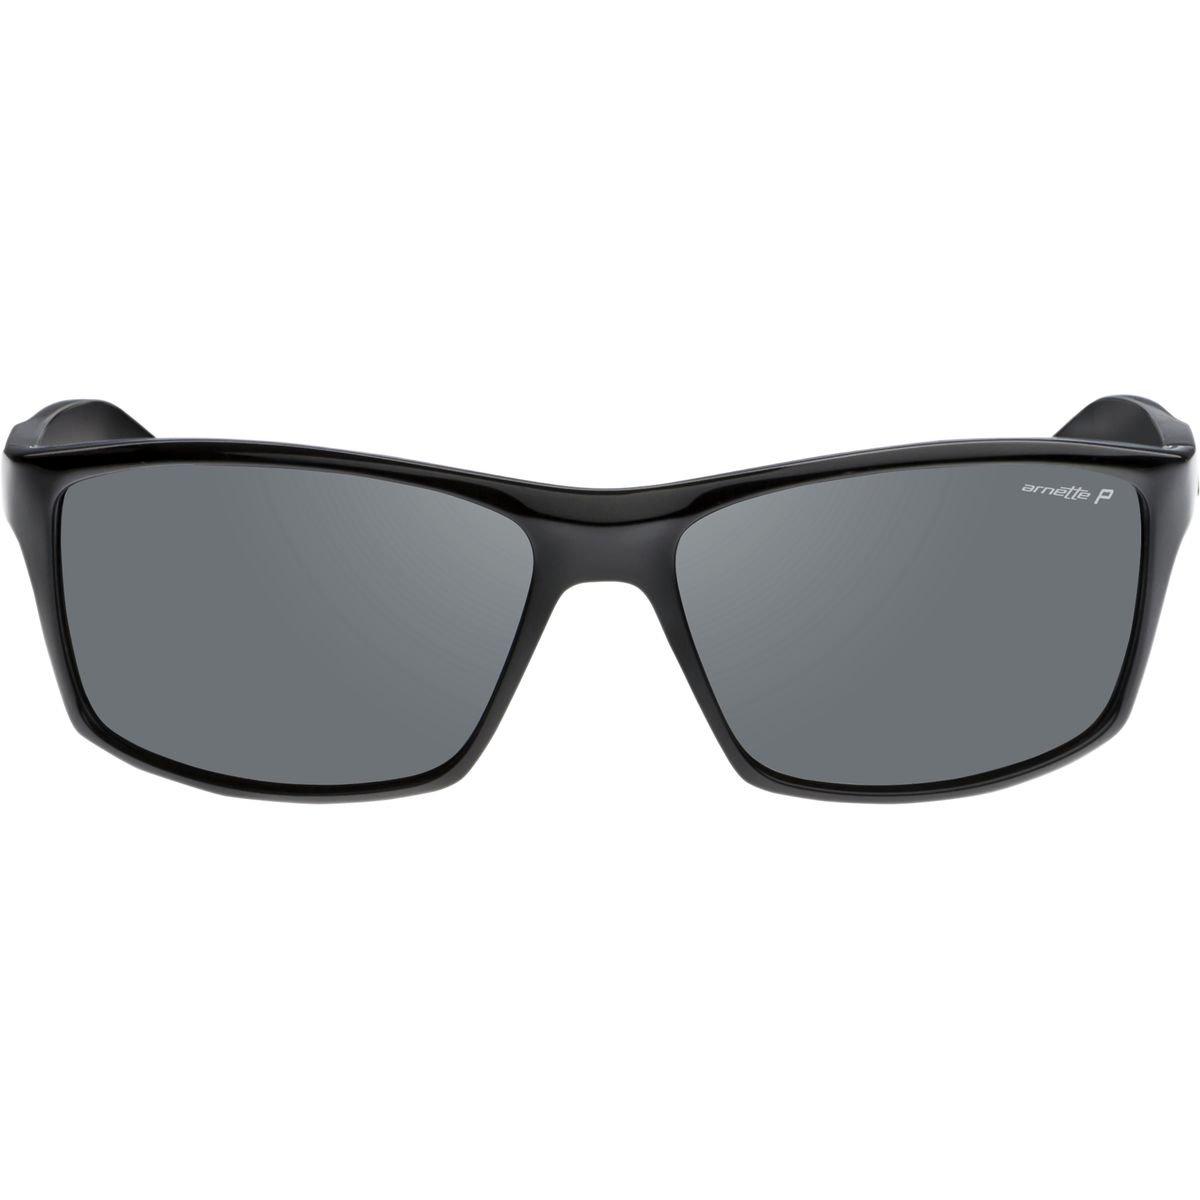 Arnette Sonnenbrillen Für Mann 4207 41 81, 81, 81, schwarz   grau (Polarized) Kunststoffgestell B00TIFYEPK Sonnenbrillen 4816e6